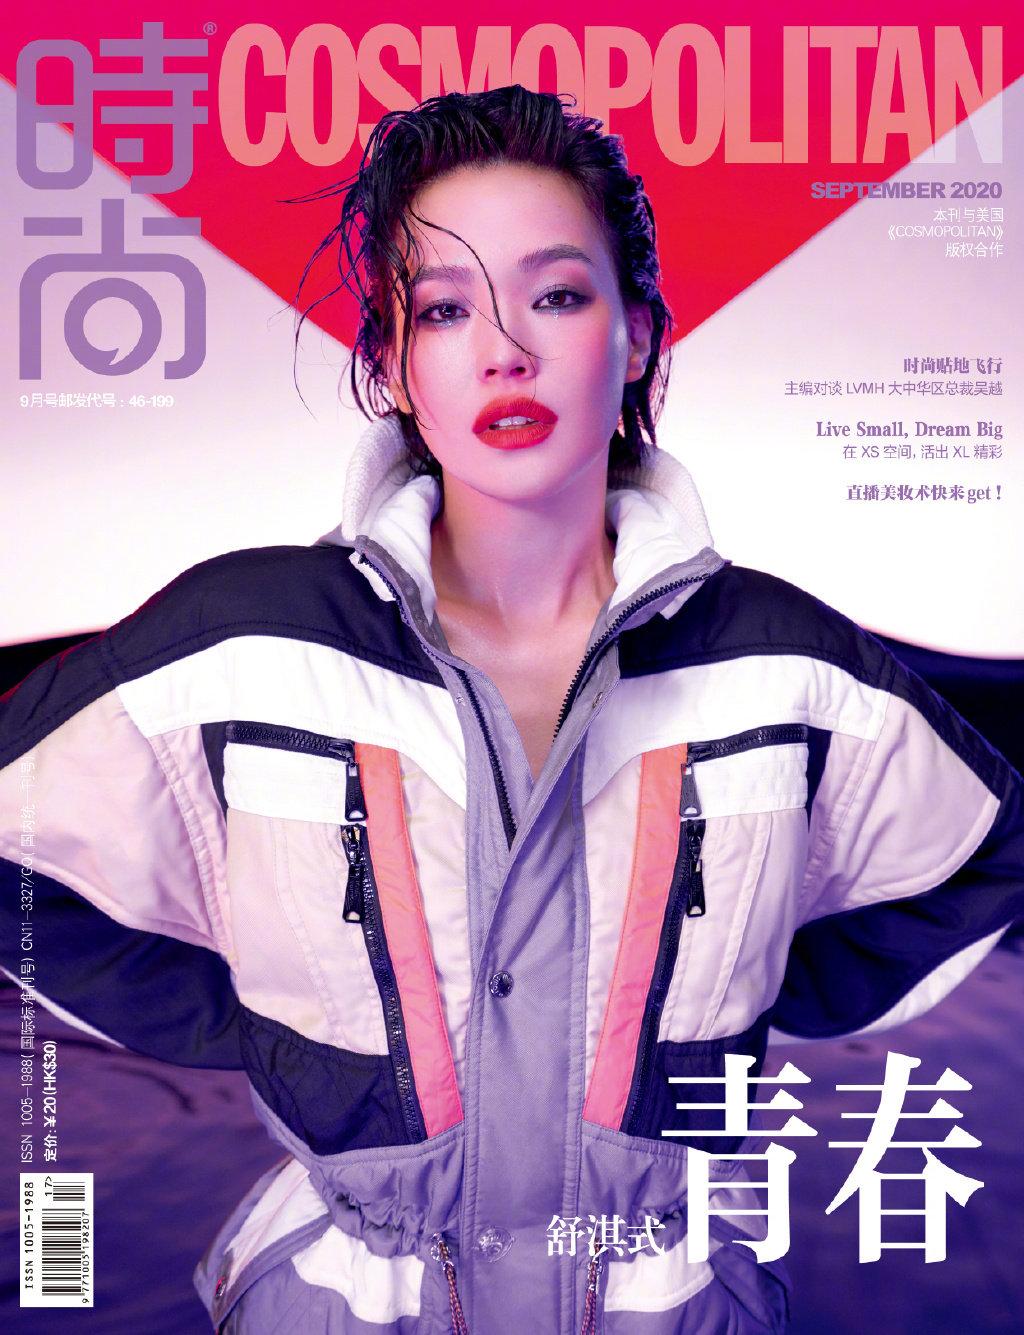 舒淇时尚COSMO 9月刊,穿着LV服饰出镜,湿发红唇,明艳照人~